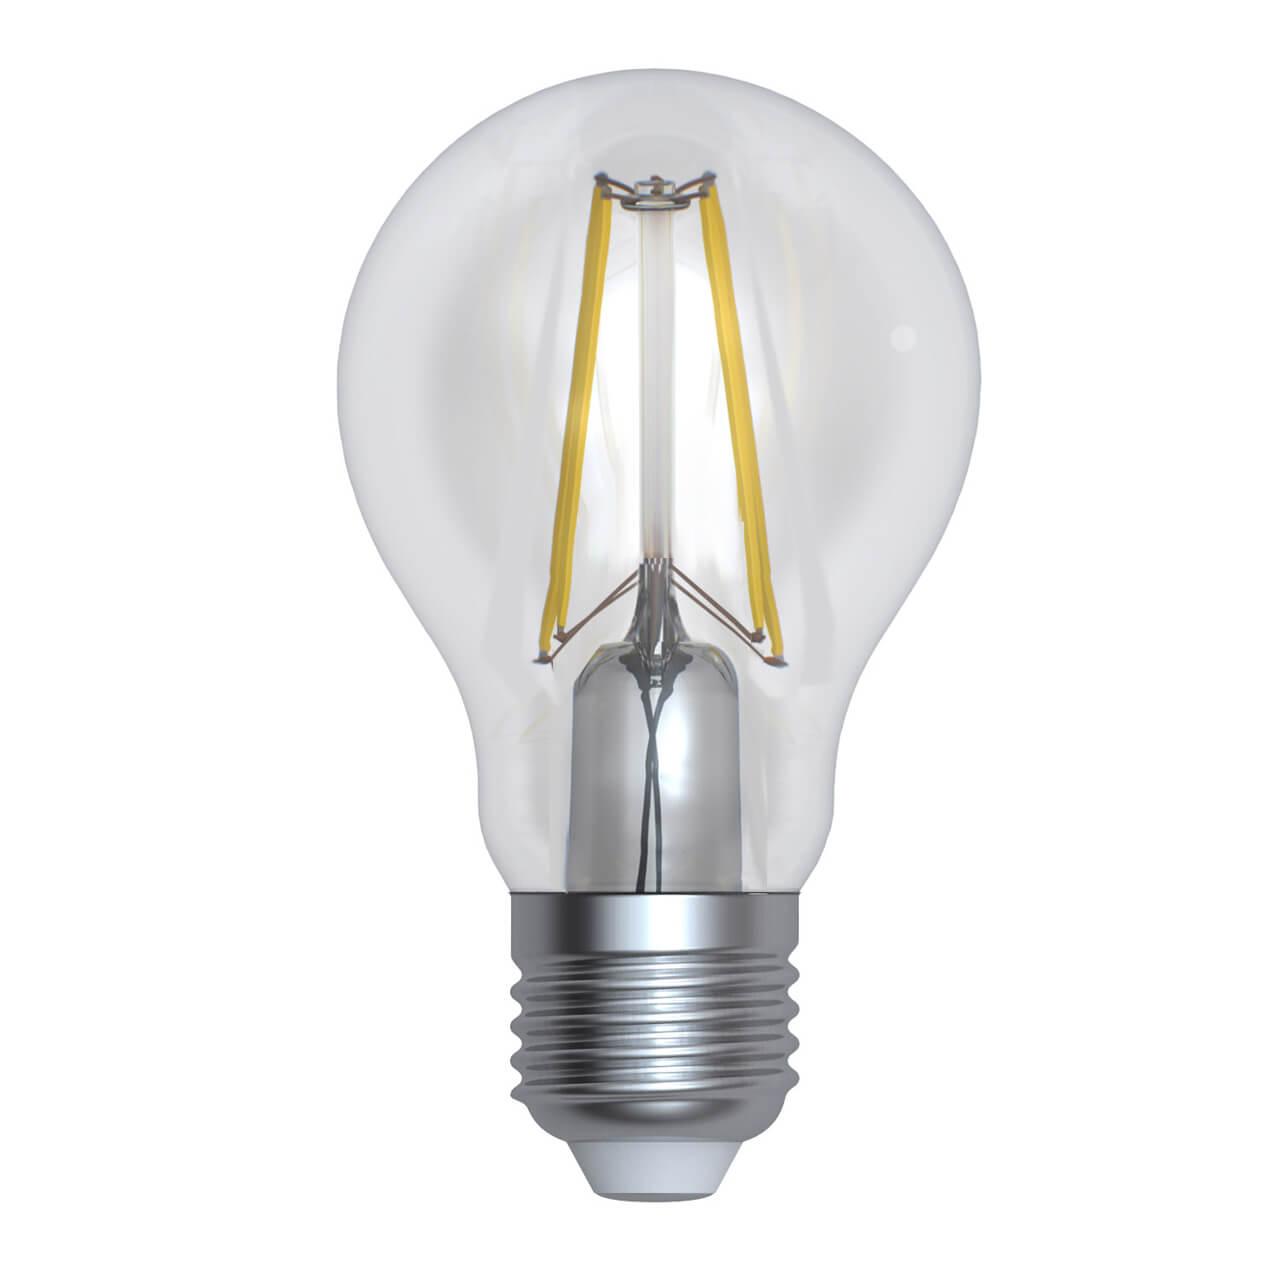 Лампочка Uniel LED-A60-12W/3000K/E27/CL/DIM GLA01TR LED-A60 светодиодная лампа uniel air led a60 7w nw e27 cl dim gla01tr ul 00002874